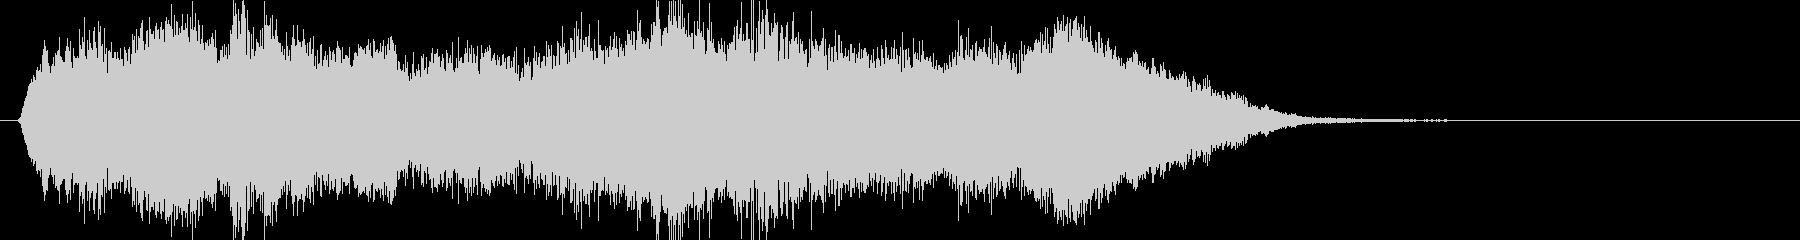 壮大なハリウッド系オーケストラのロゴ2の未再生の波形